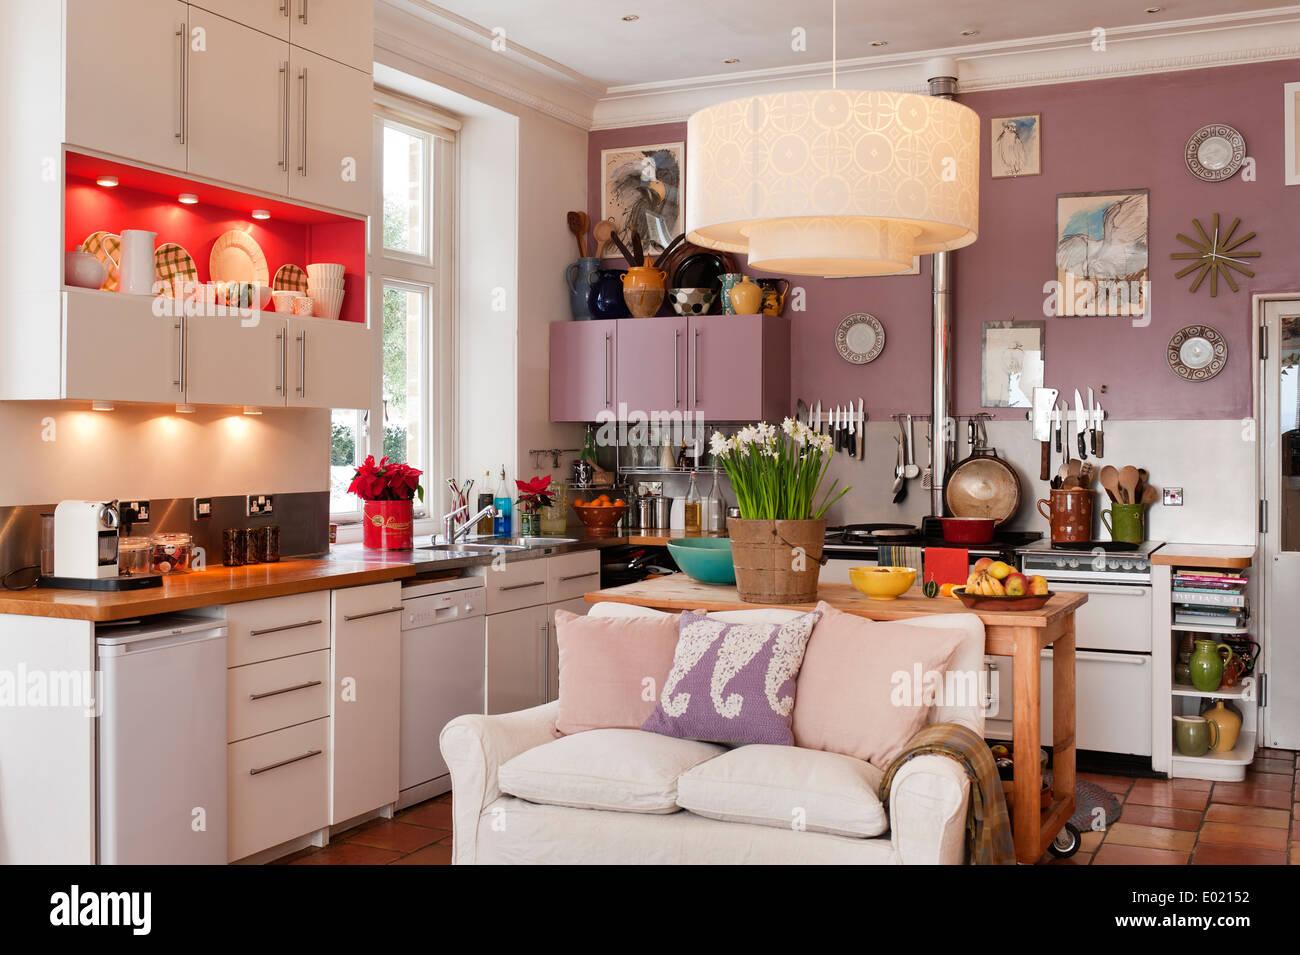 Ausgezeichnet Pendelleuchte Für Küche Ideen - Die Besten Wohnideen ...